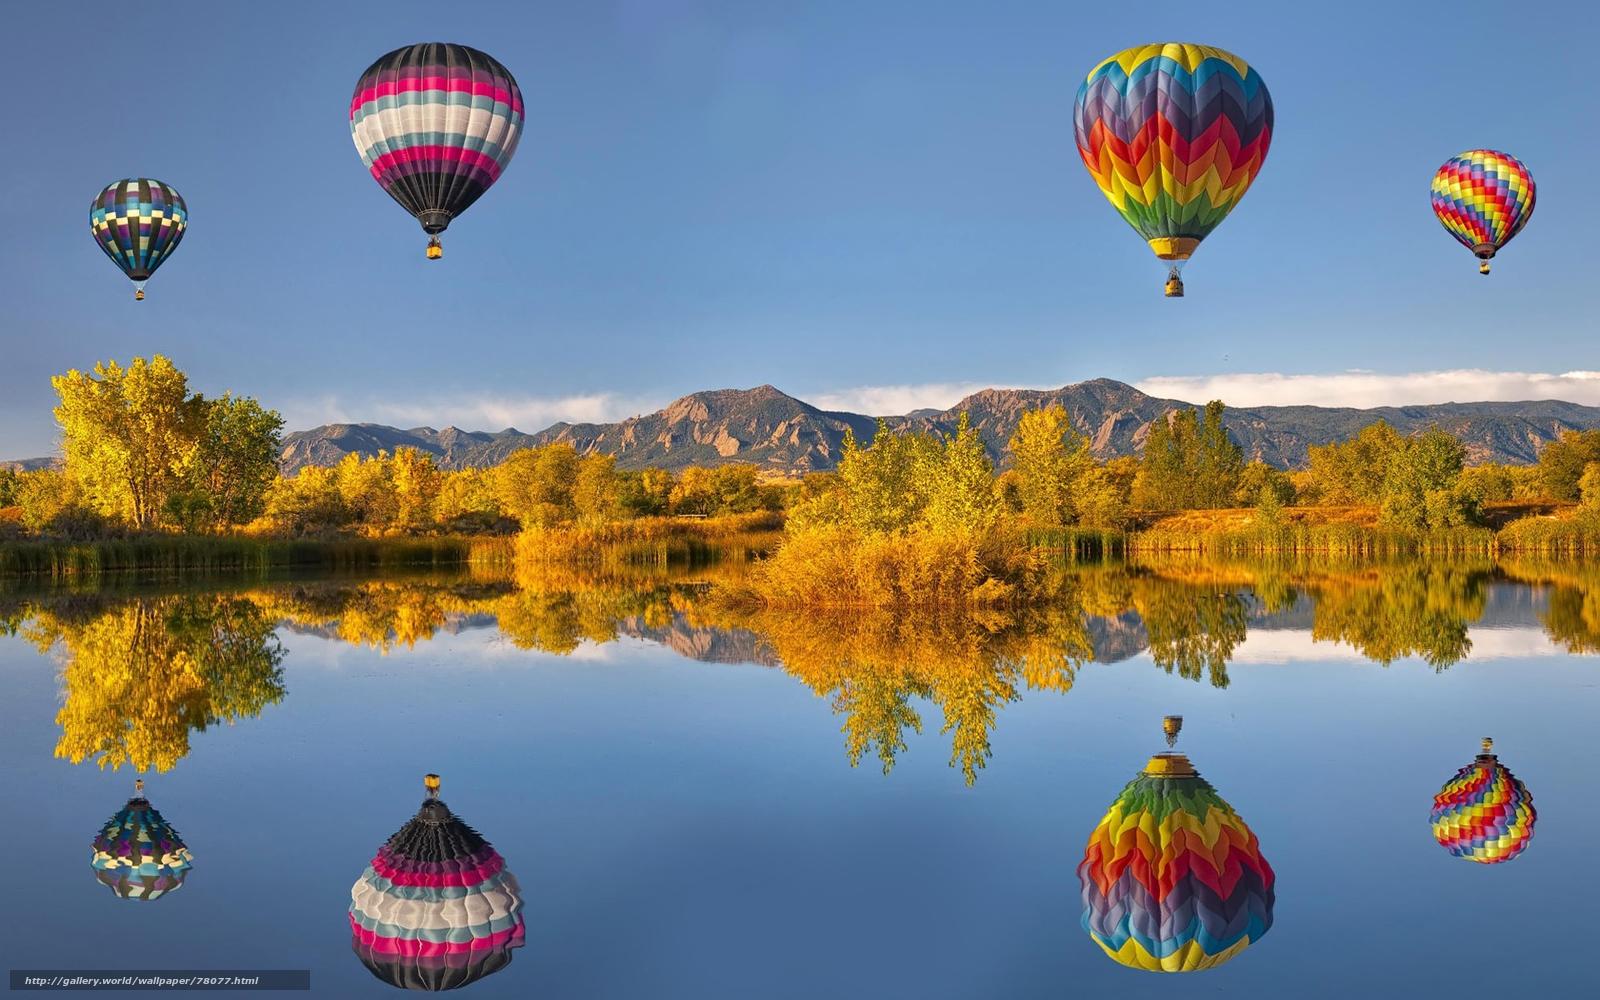 Скачать обои природа,  пейзажи,  воздушные,  шары бесплатно для рабочего стола в разрешении 1920x1200 — картинка №78077